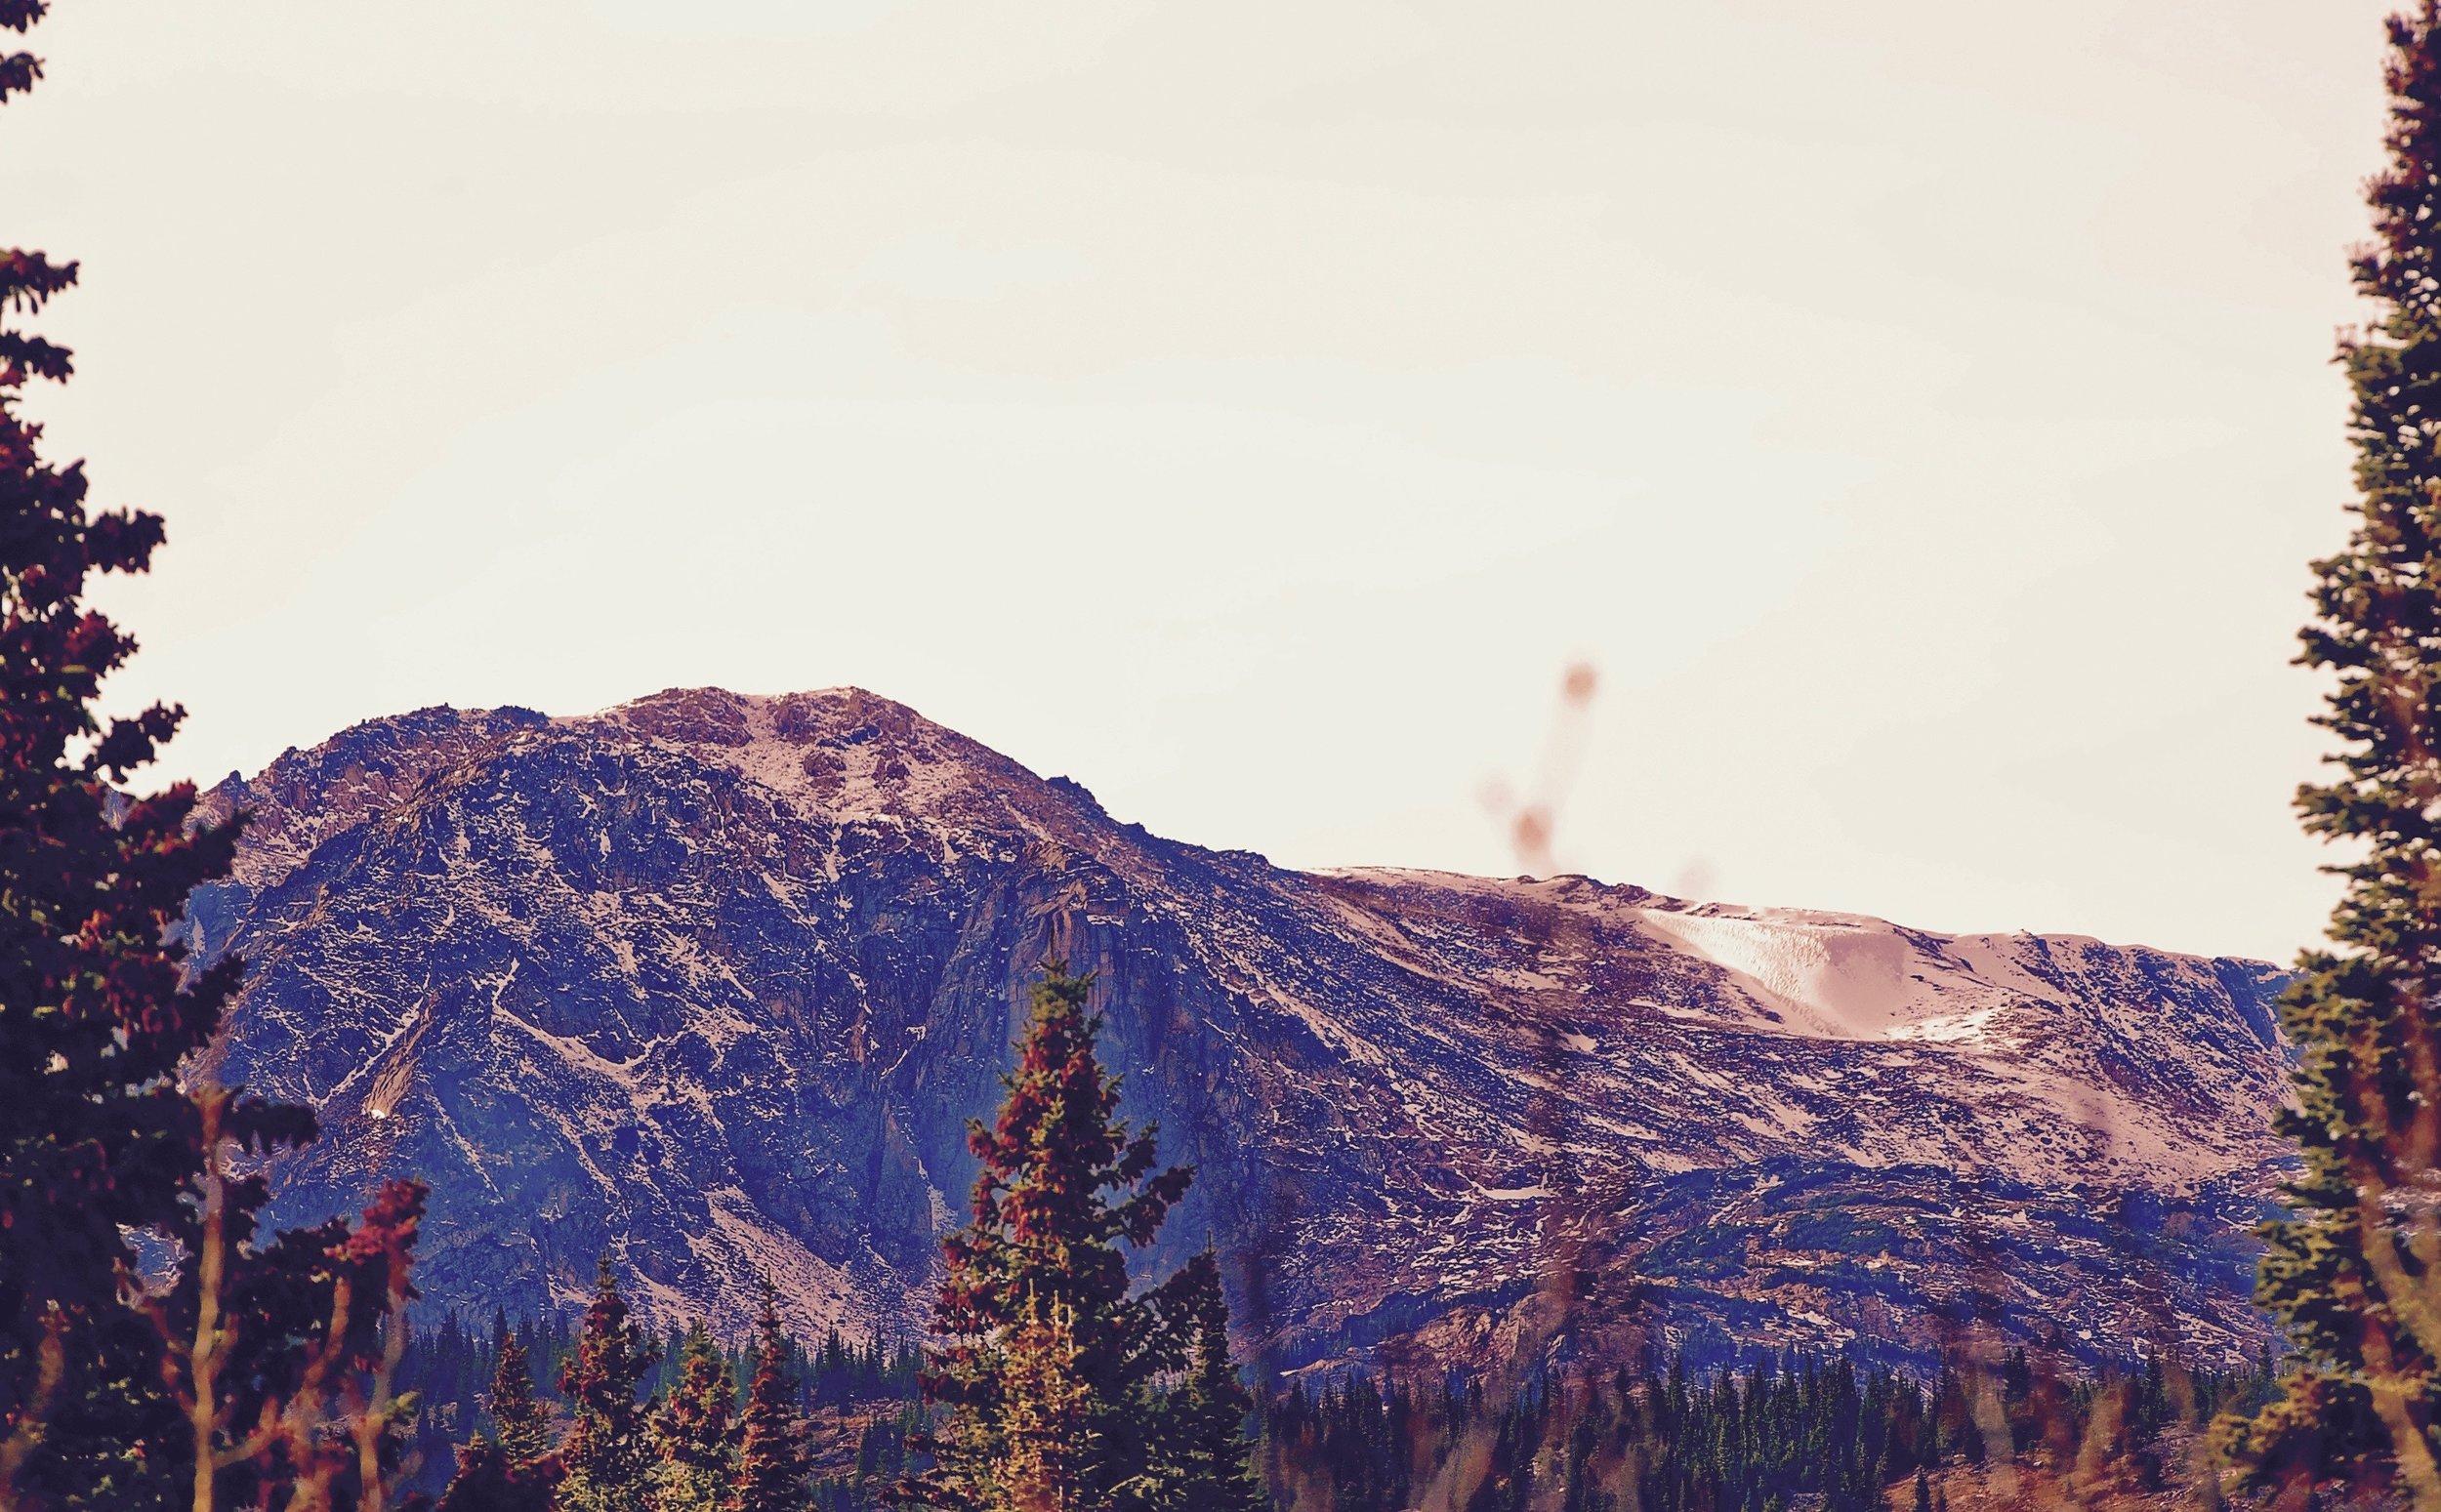 longs peak is one of the best hiking trips in colorado